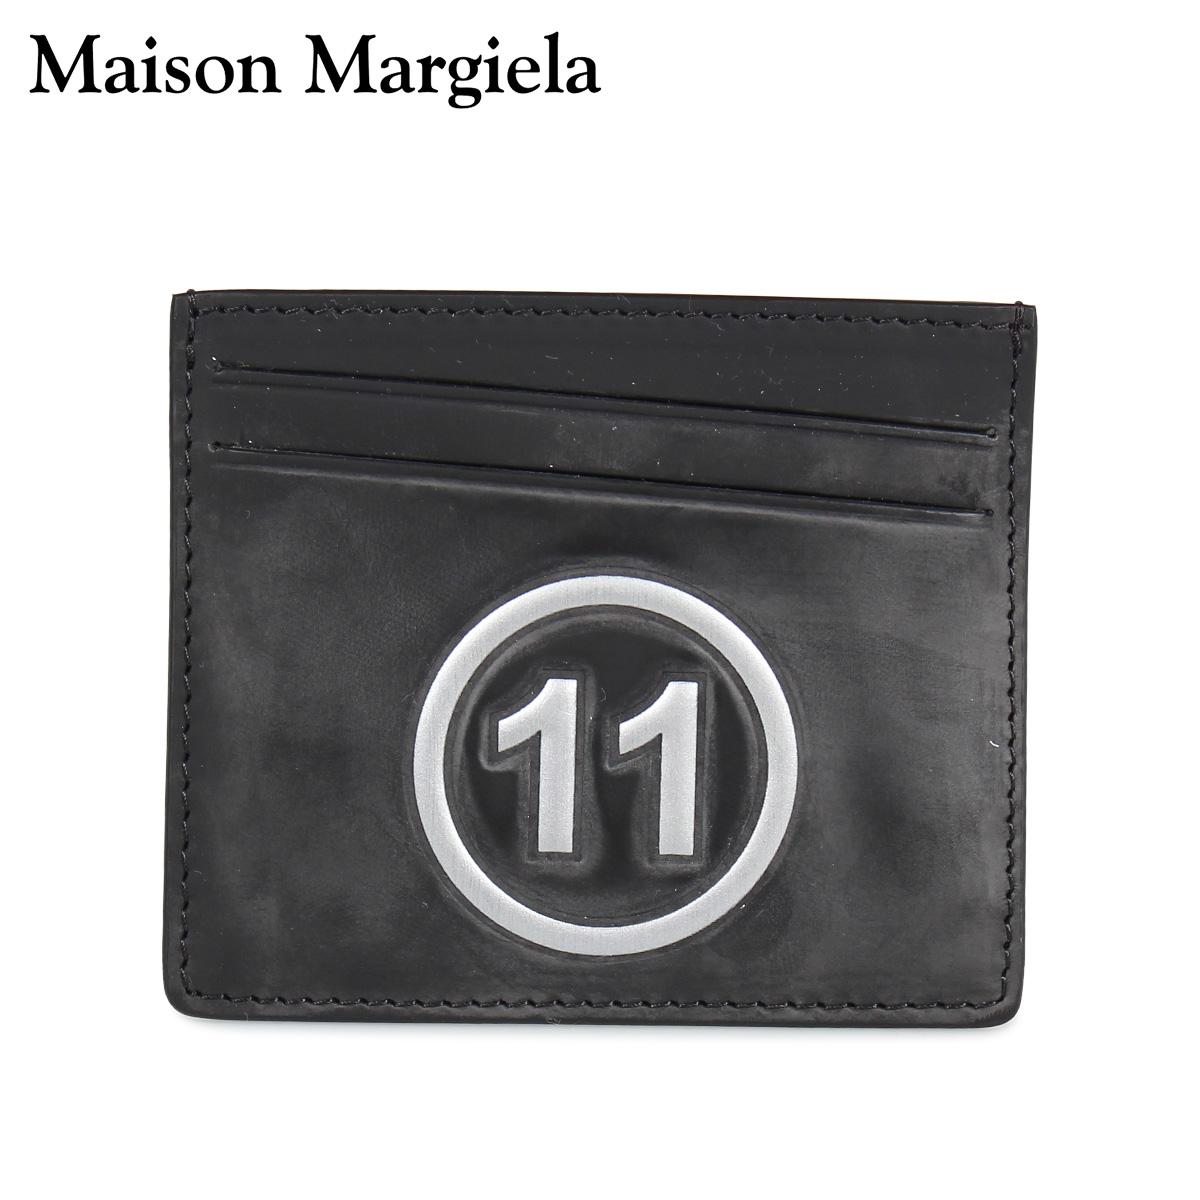 MAISON MARGIELA CARD CASE メゾンマルジェラ カードケース 名刺入れ 定期入れ メンズ レディース レザー ブラック 黒 S35UI0432 P0047 [10/8 新入荷]